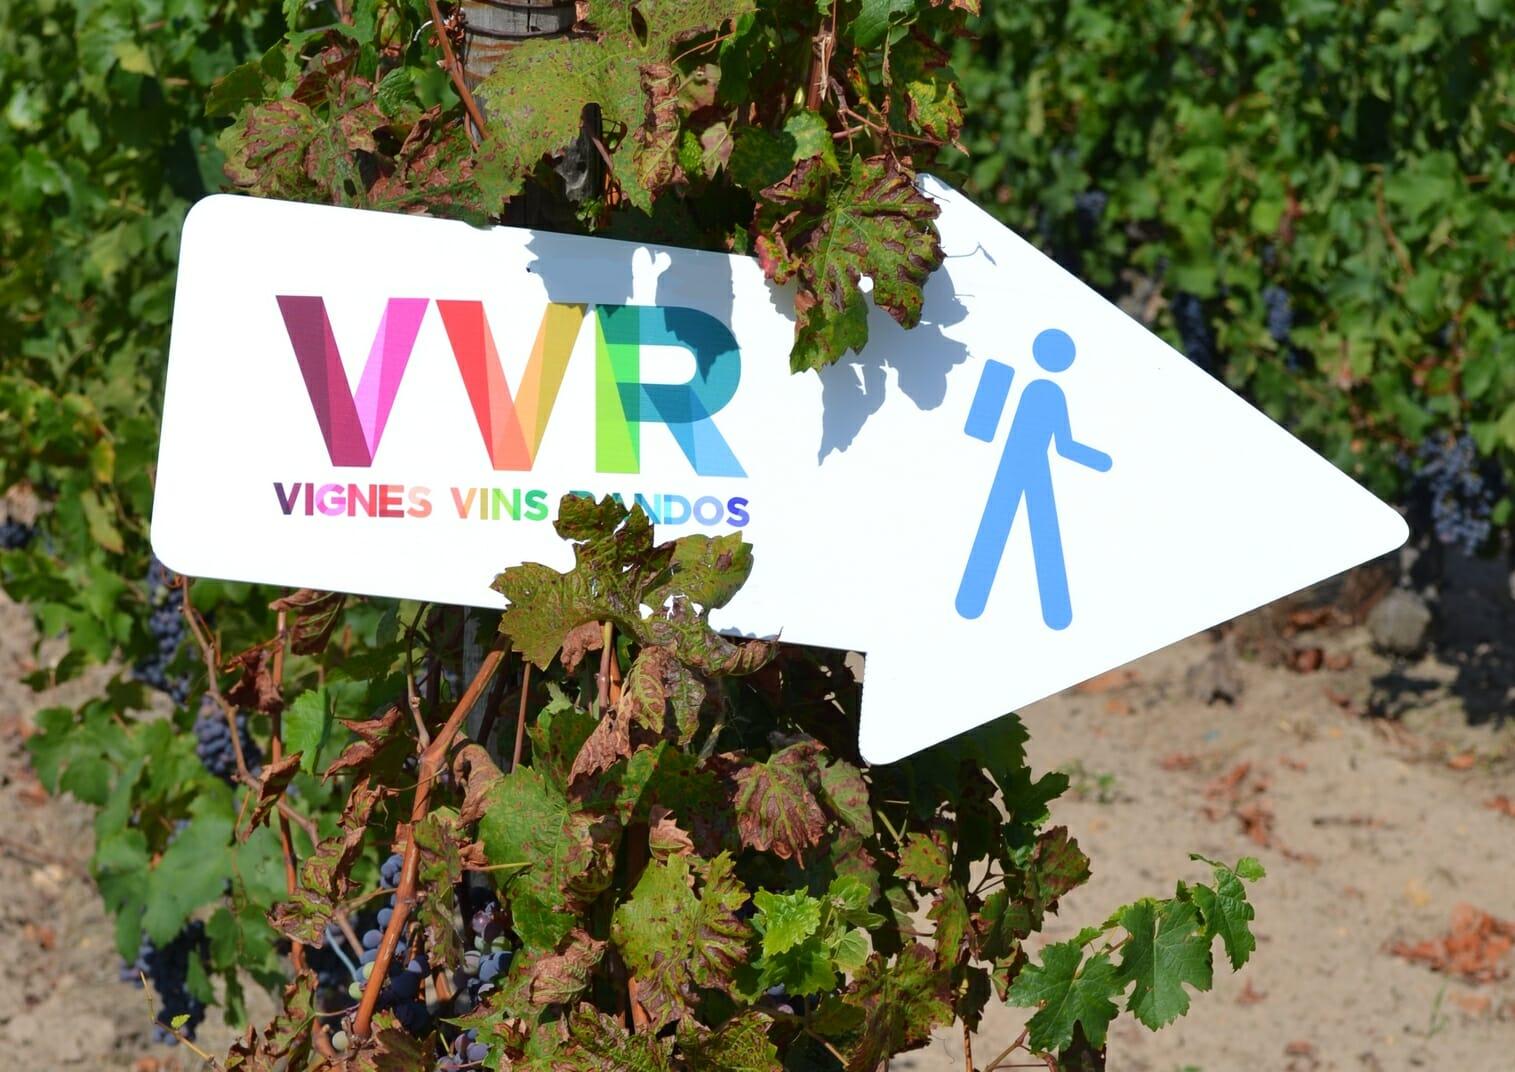 Vignes Vins Randos sous le signe du Graff à Saint Nicolas de Bourgueil